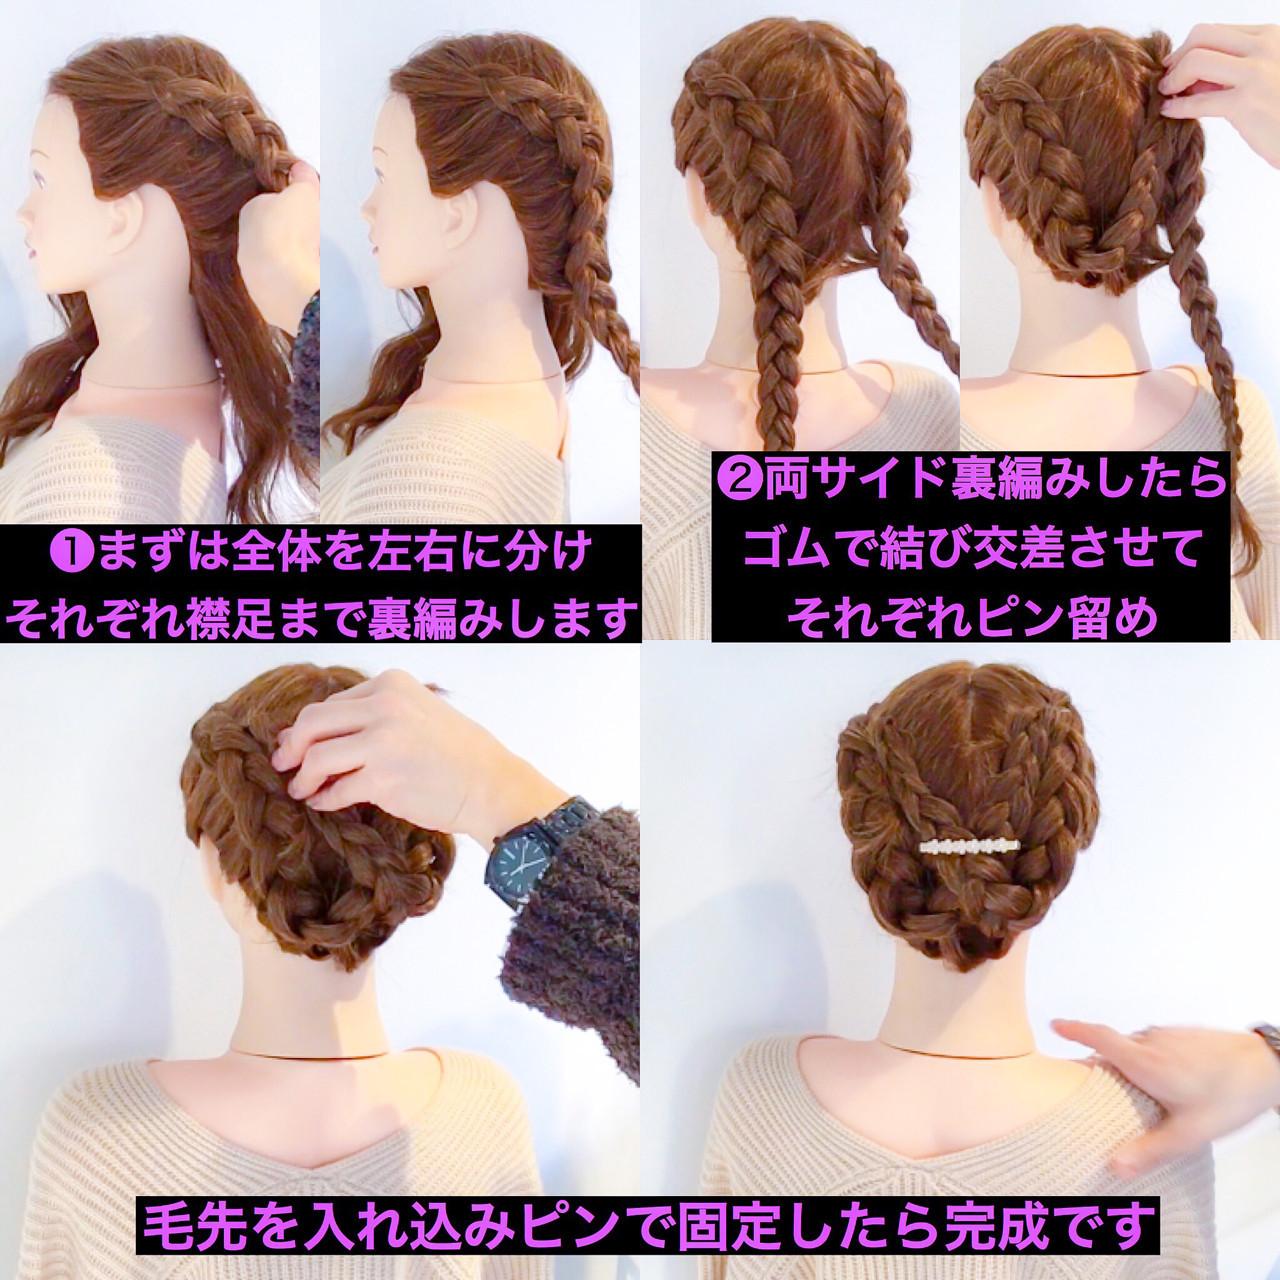 裏編みでつくる☆おしゃれ見せ簡単アレンジ 美容師HIRO/Amoute代表